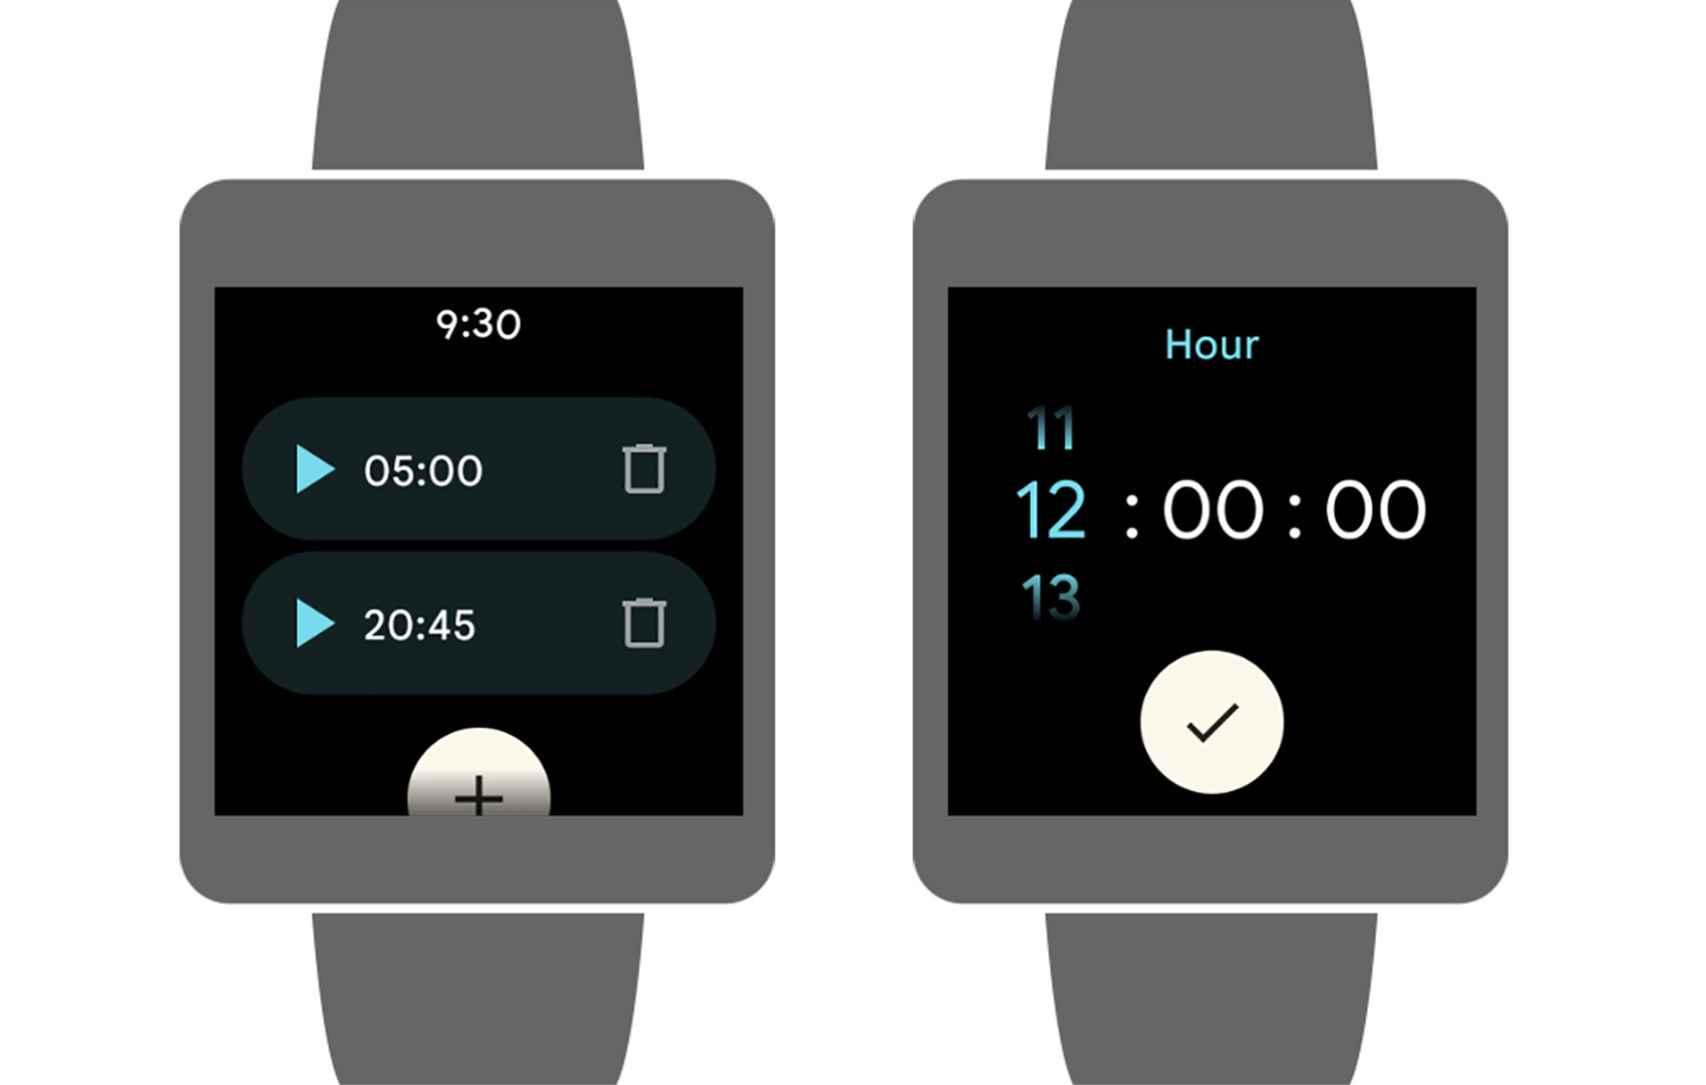 La experiencia nueva de Reloj de Google para Wear OS